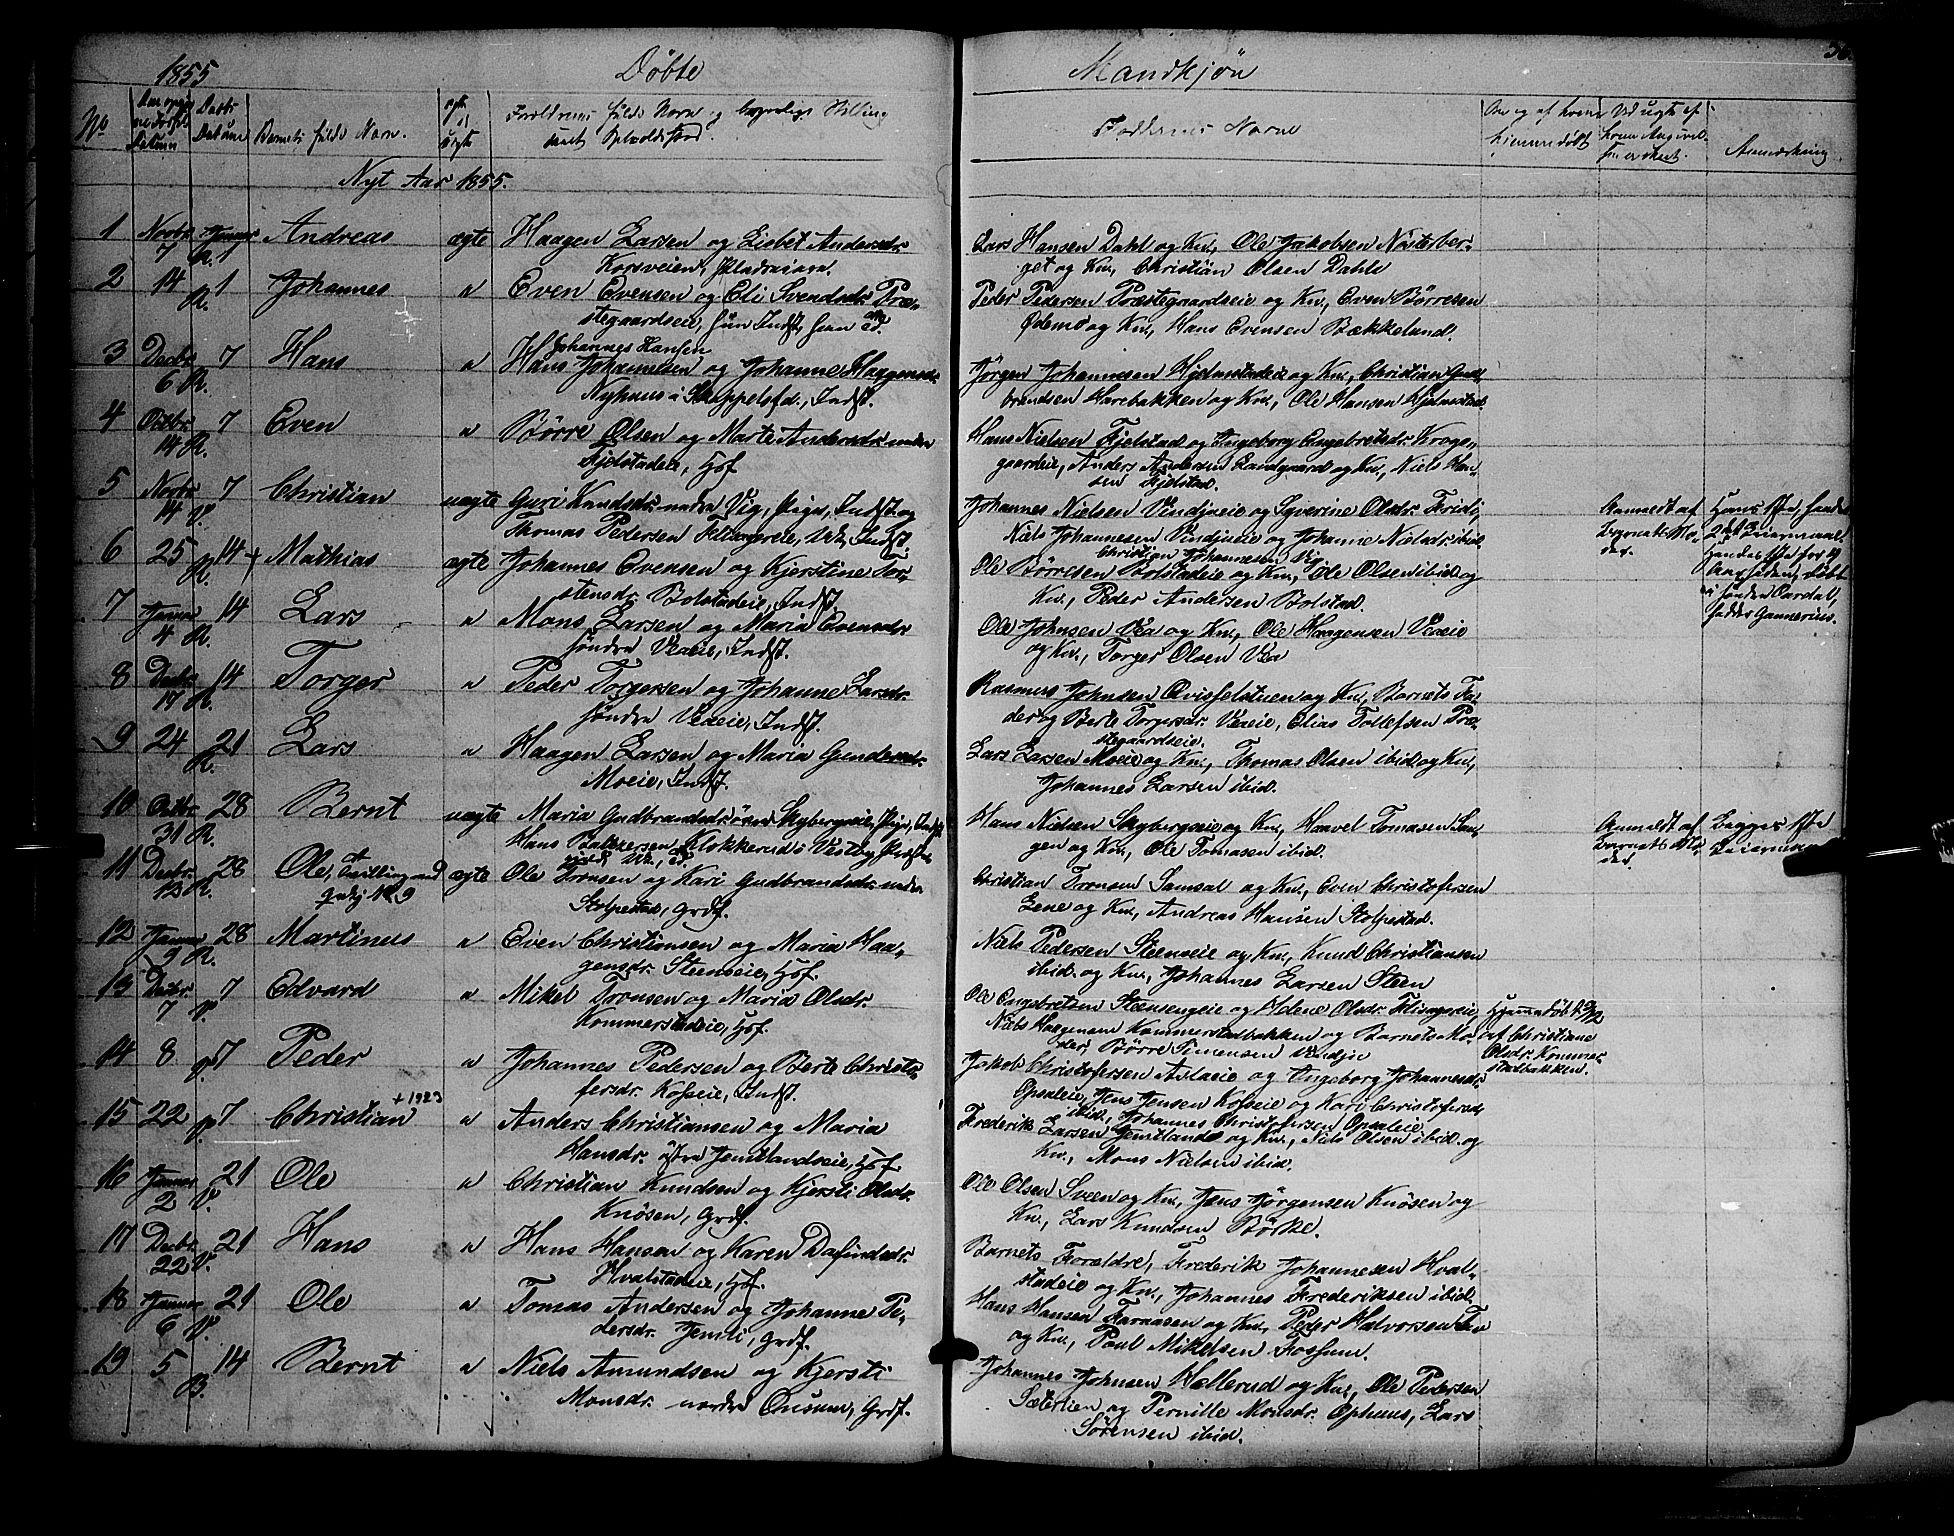 SAH, Ringsaker prestekontor, K/Ka/L0009: Parish register (official) no. 9, 1850-1860, p. 36